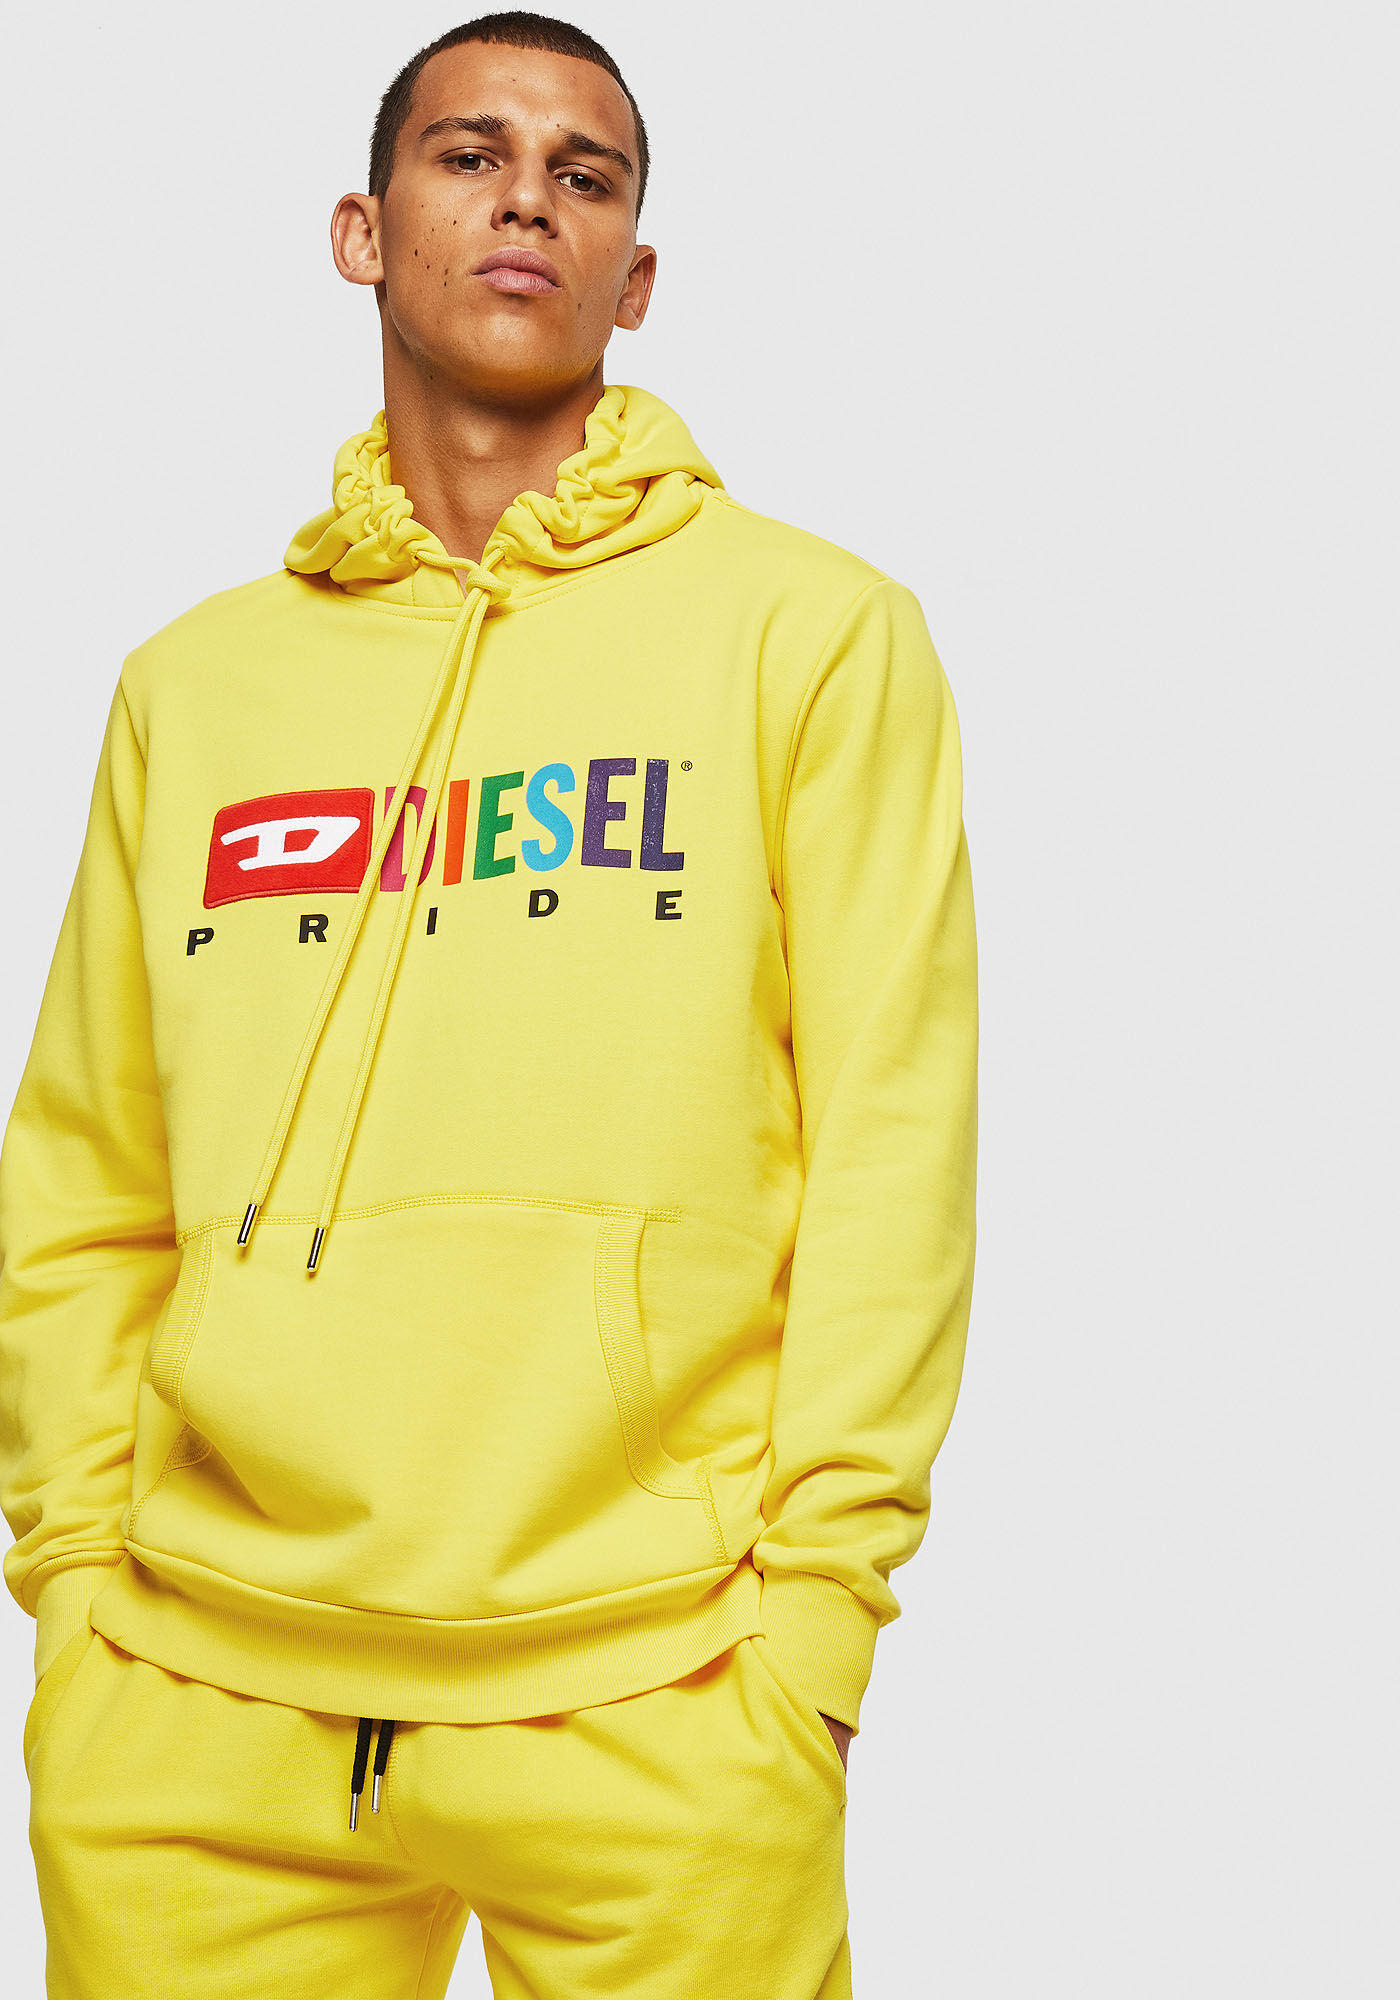 Diesel Pride Hoodie Yellow